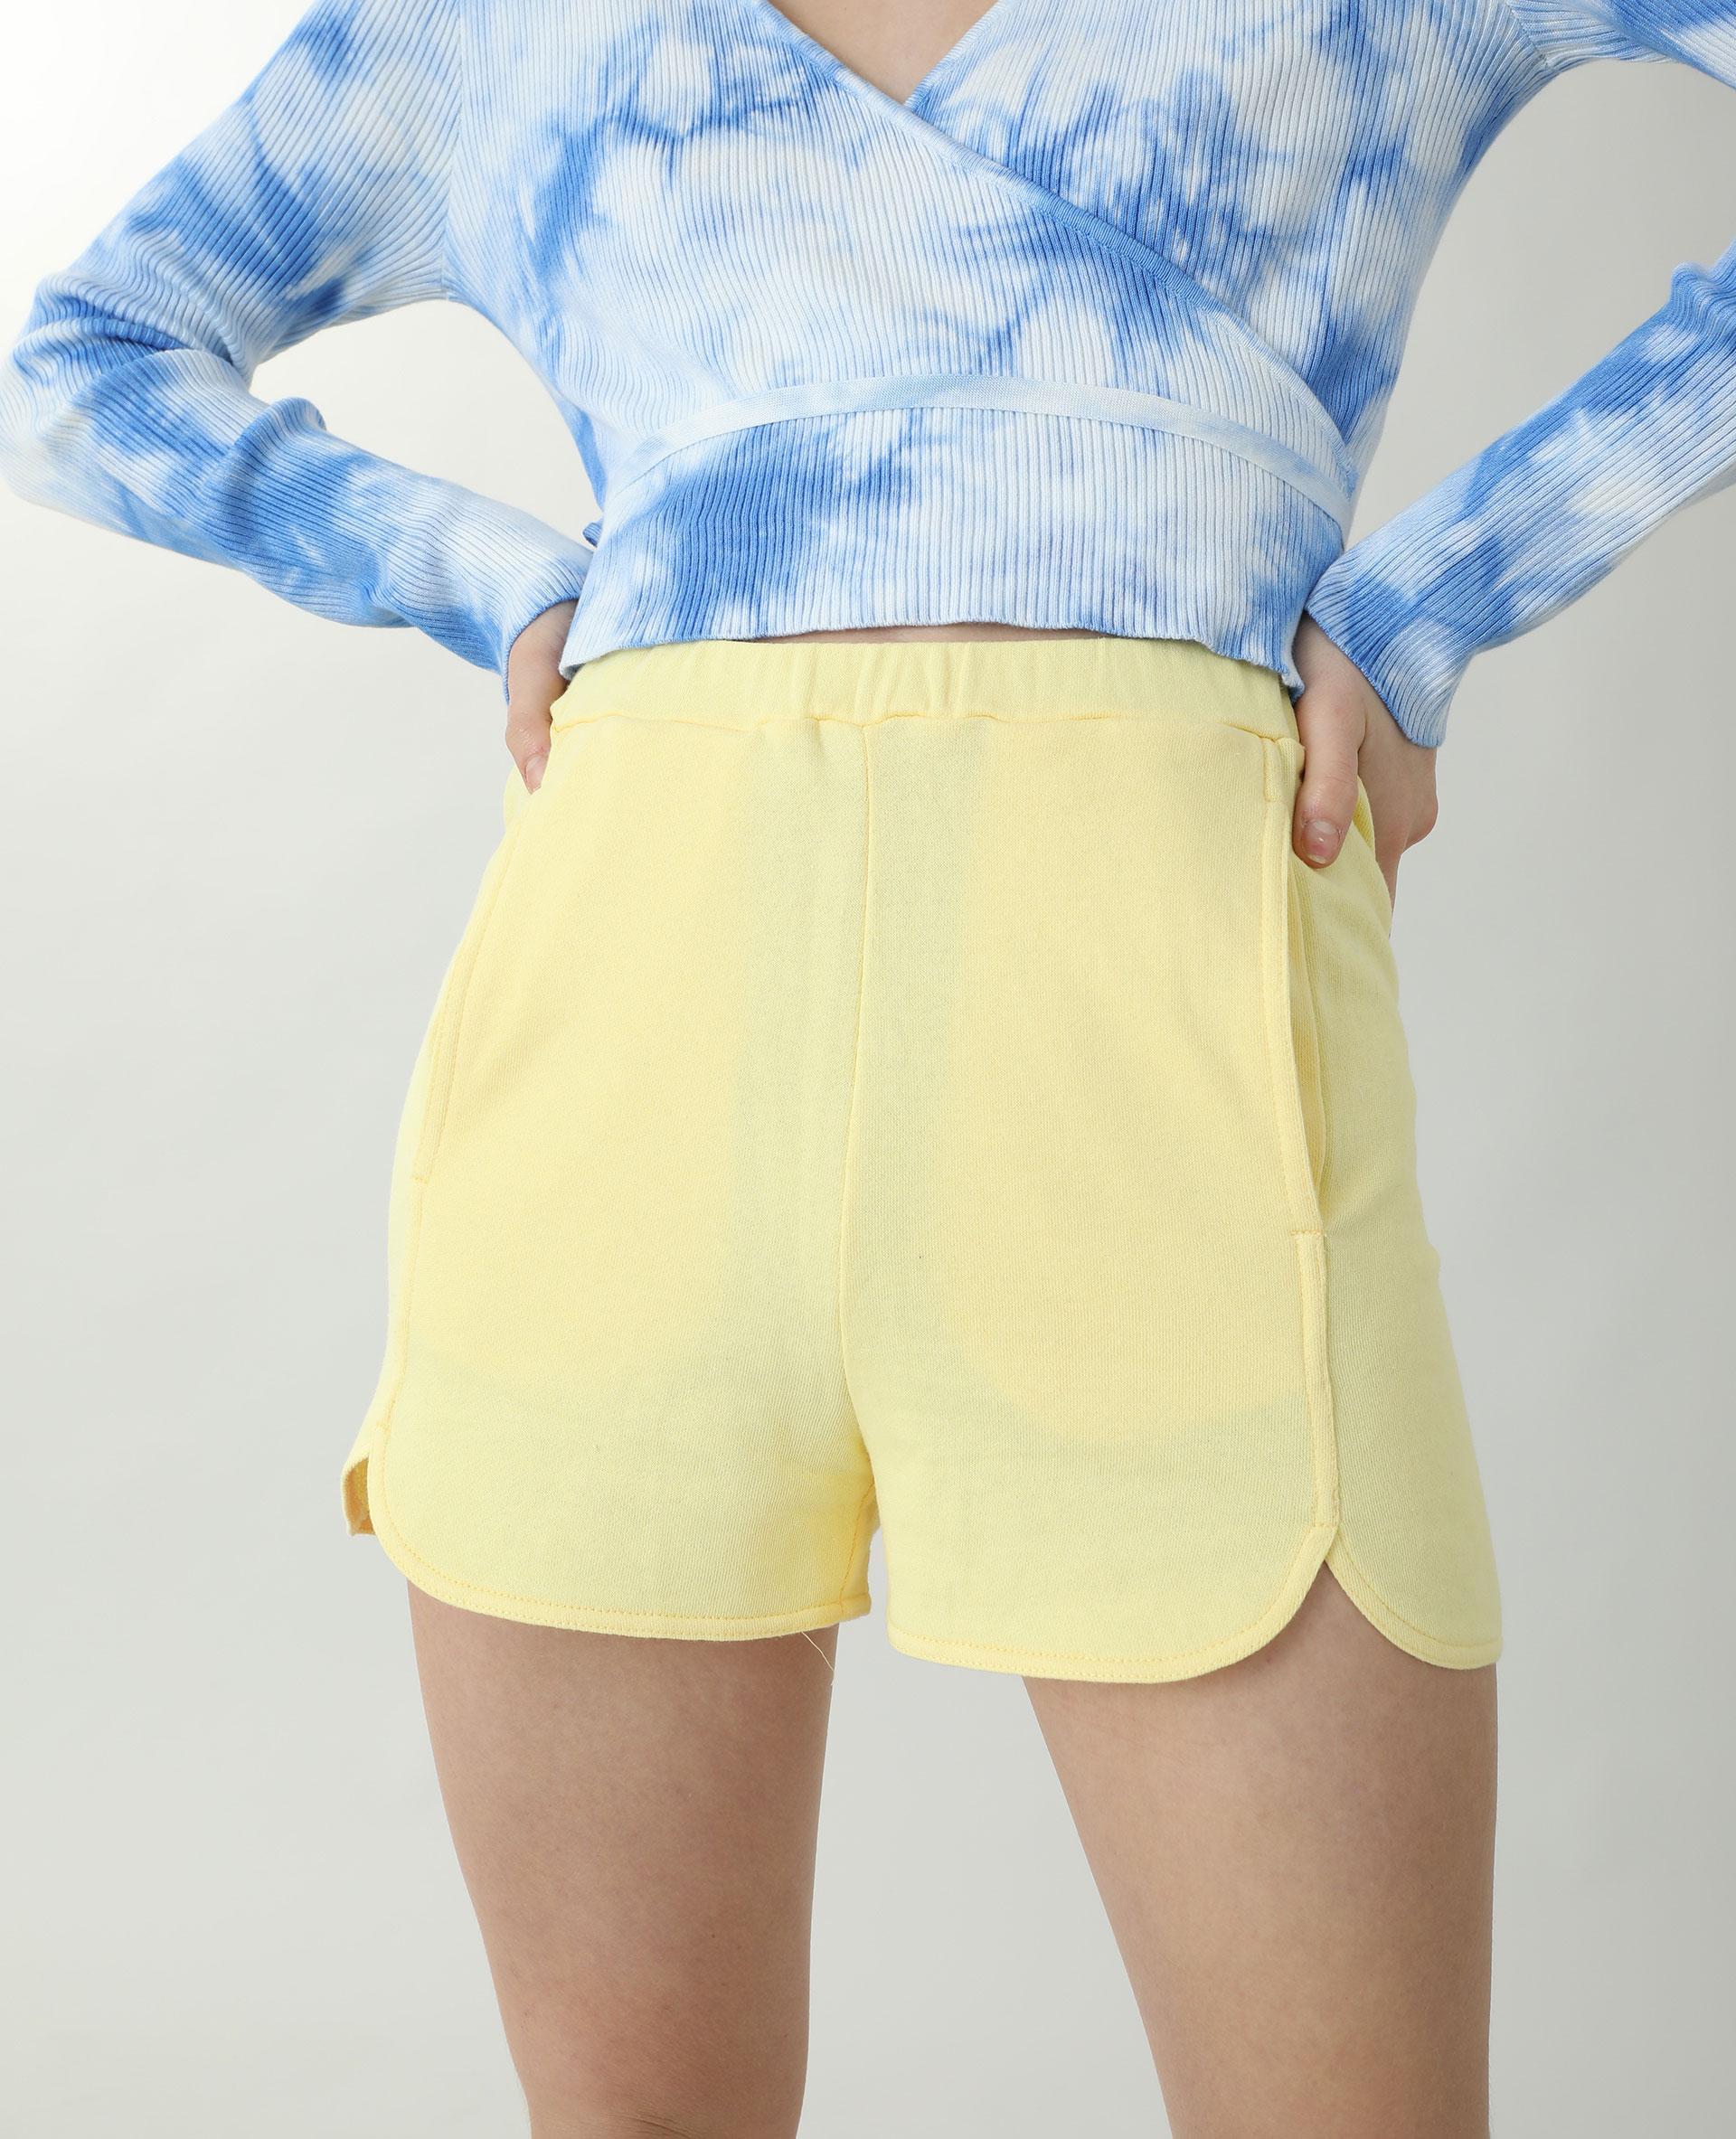 Short jaune - Pimkie